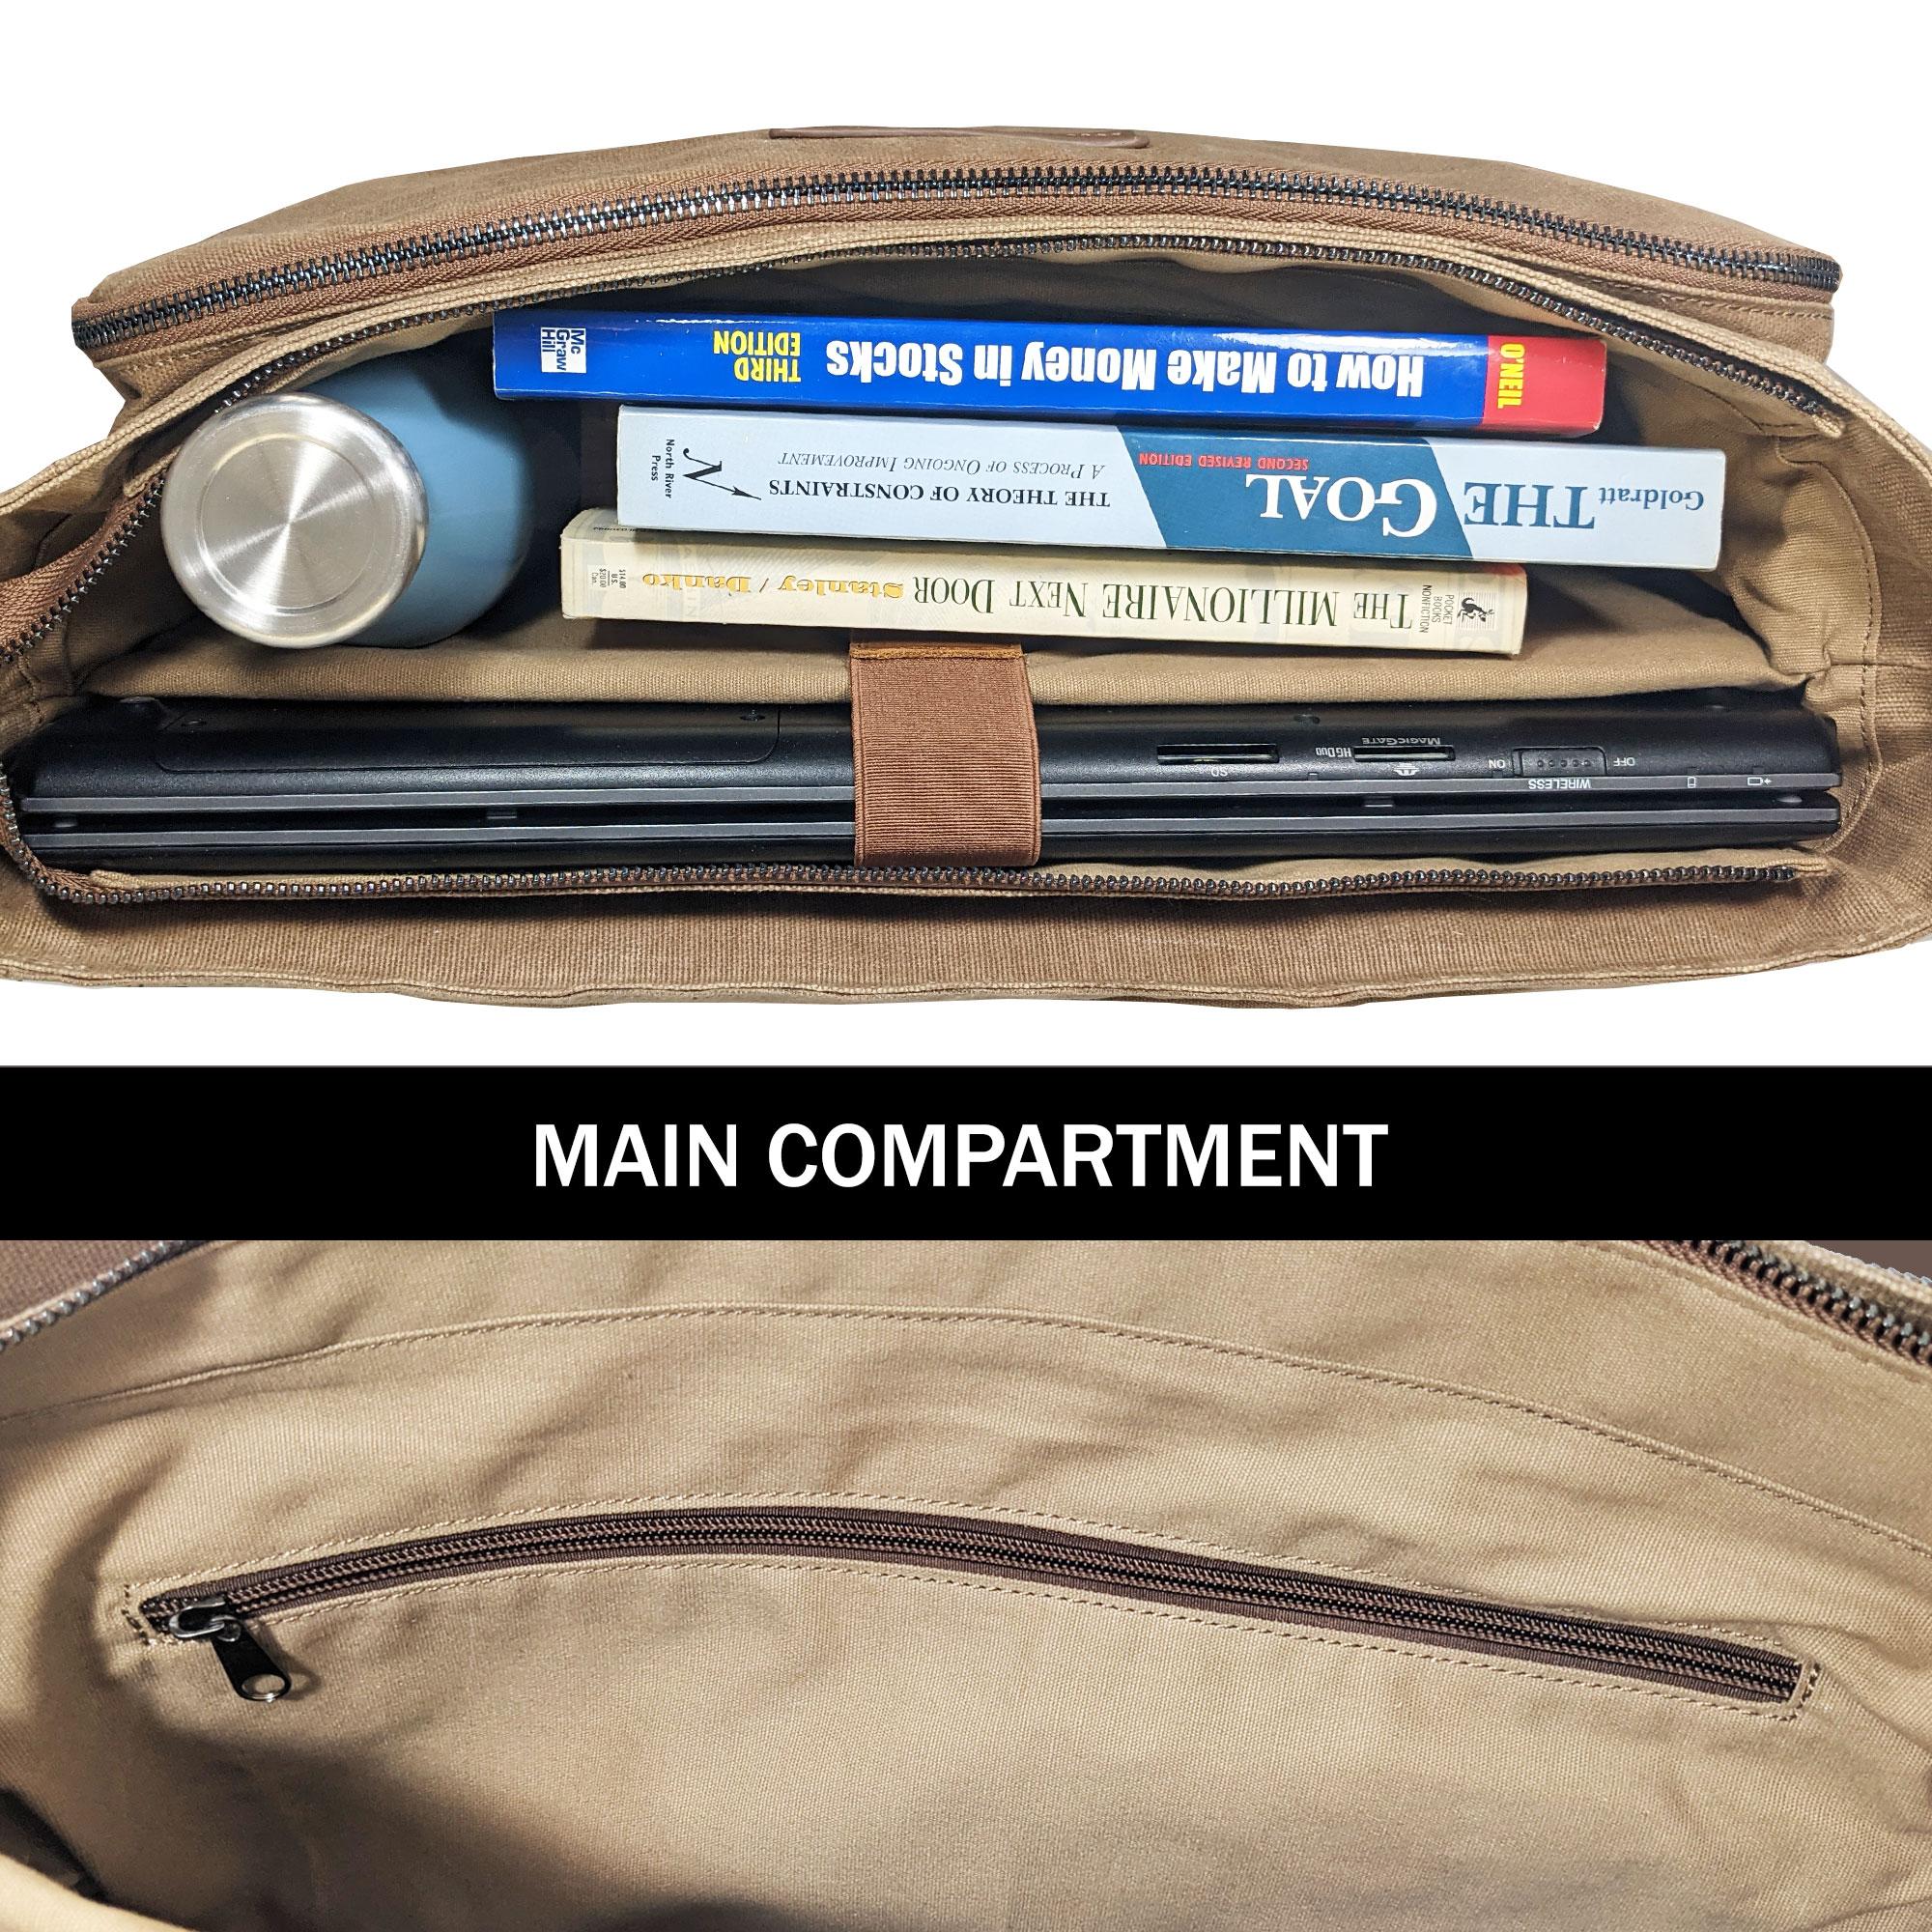 21 09 17 16 41 05 original messenger bag main compartment